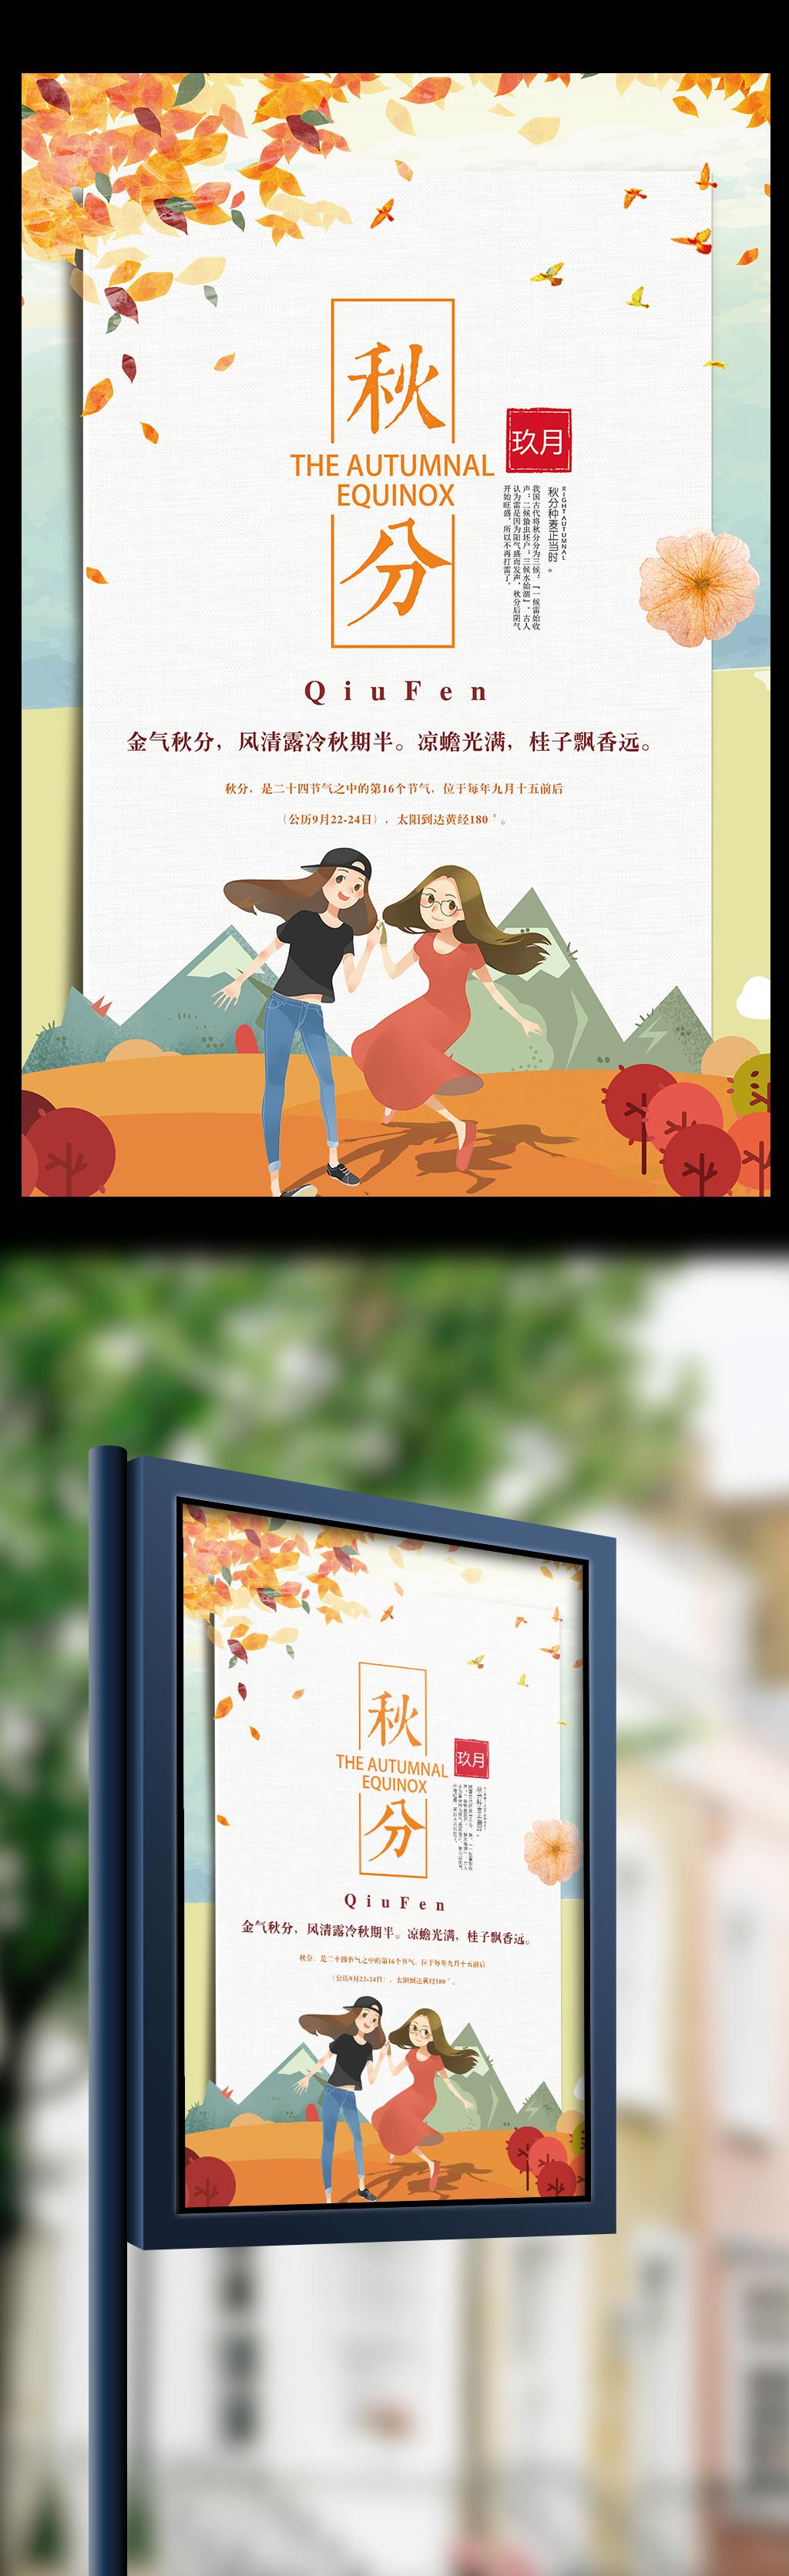 卡通手绘秋分节气海报